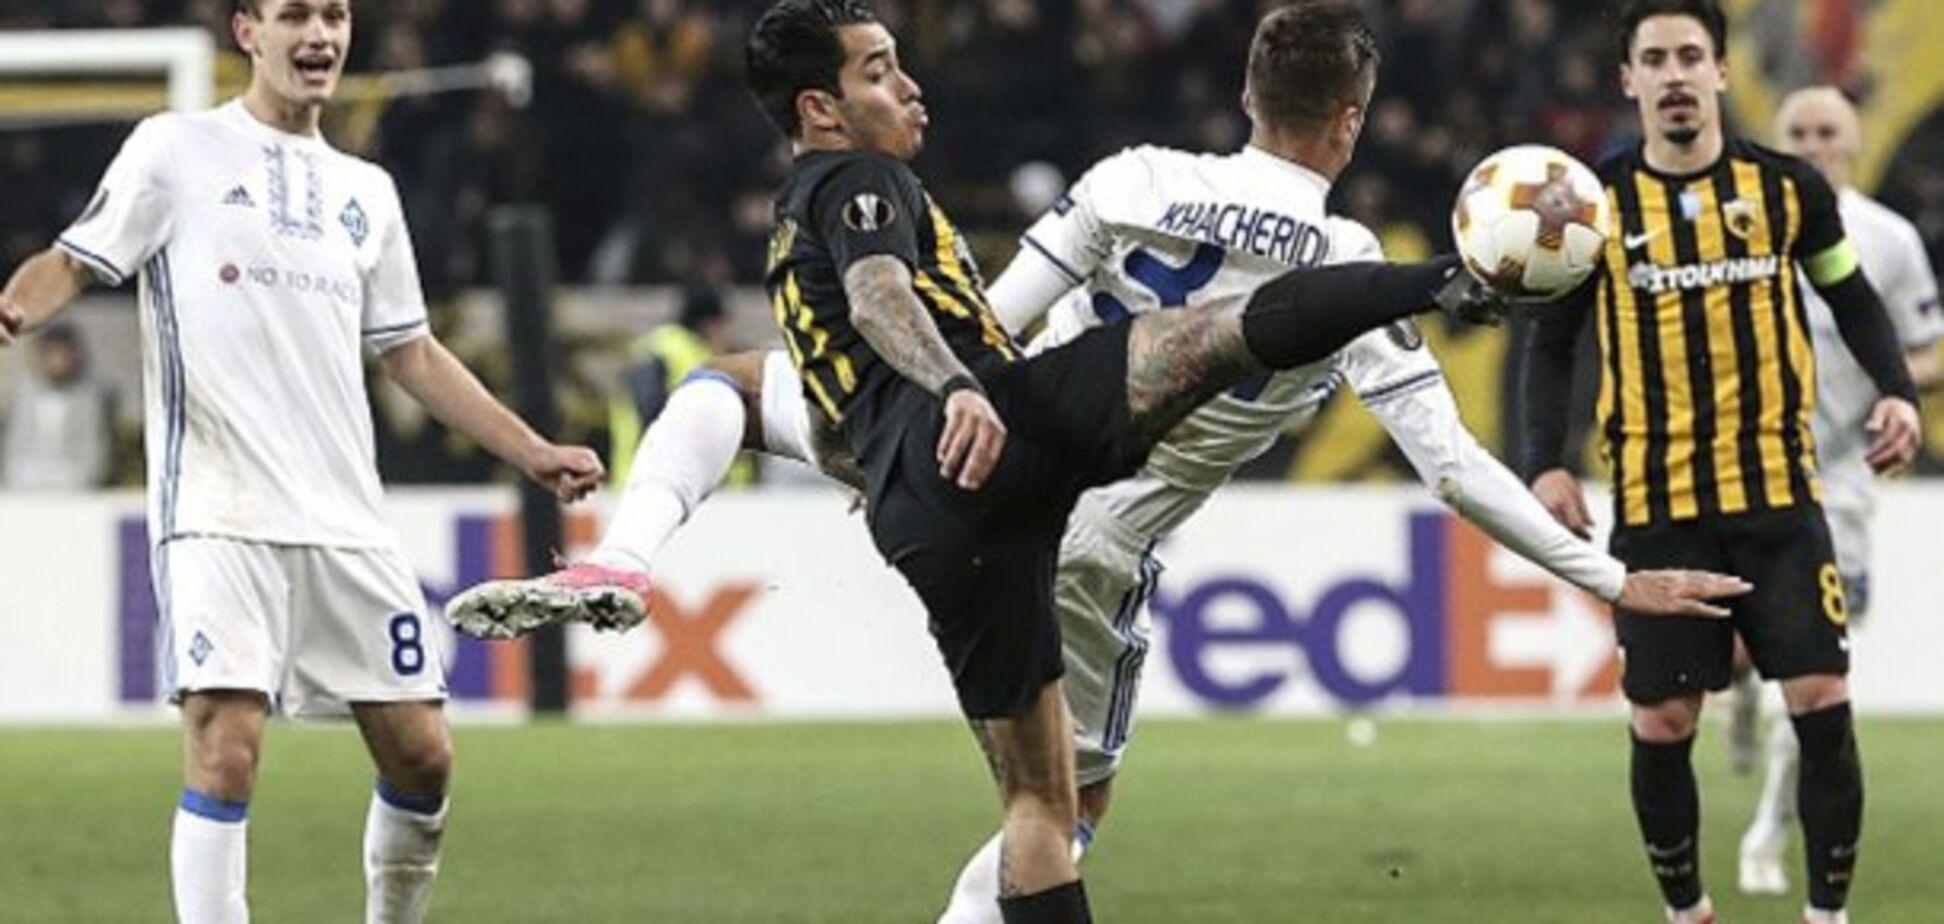 Динамо - АЕК: онлайн-трансляция матча 1/16 финала Лиги Европы